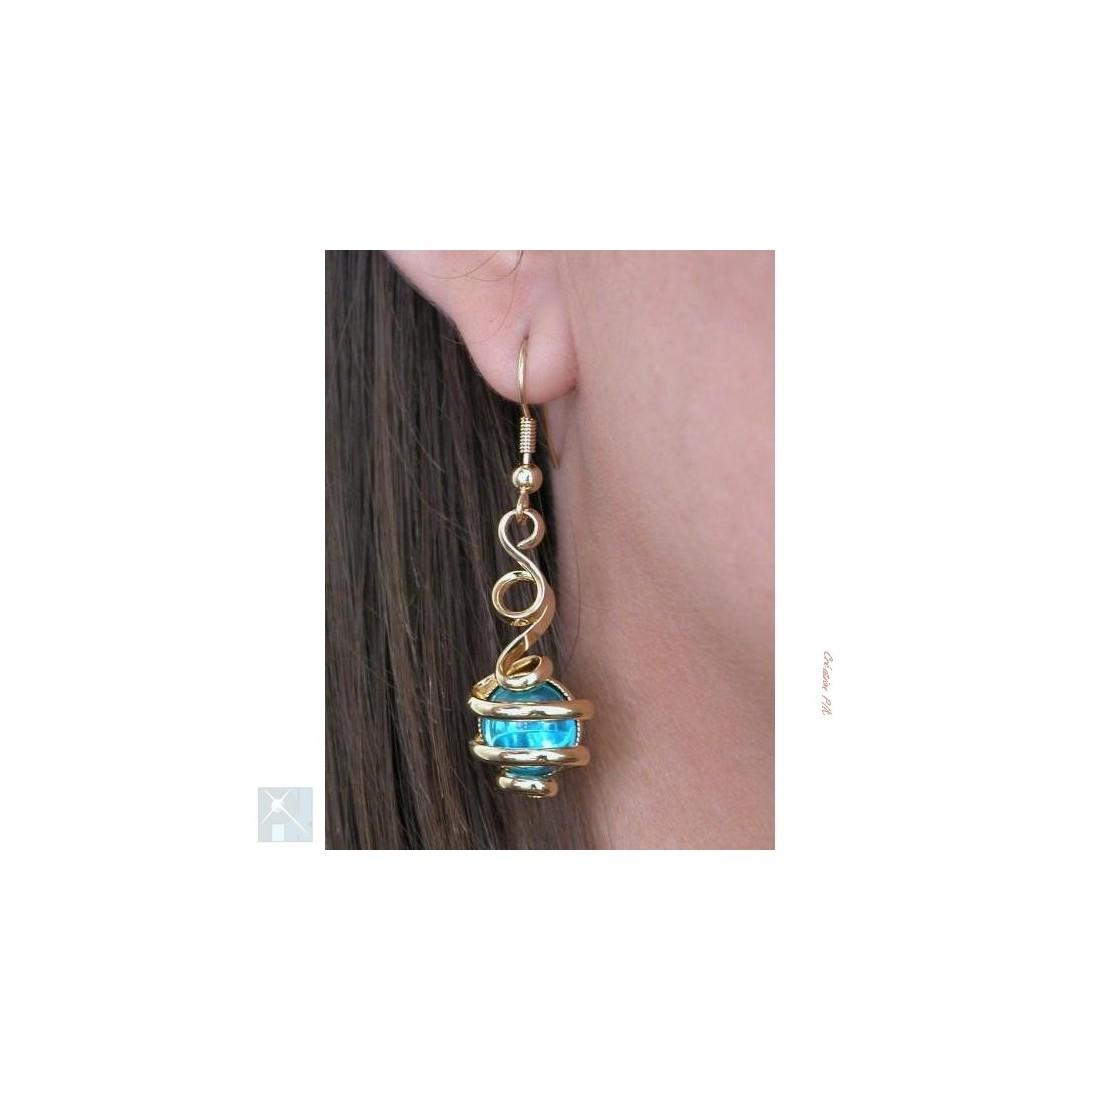 Très fines boucles d'oreilles dorées